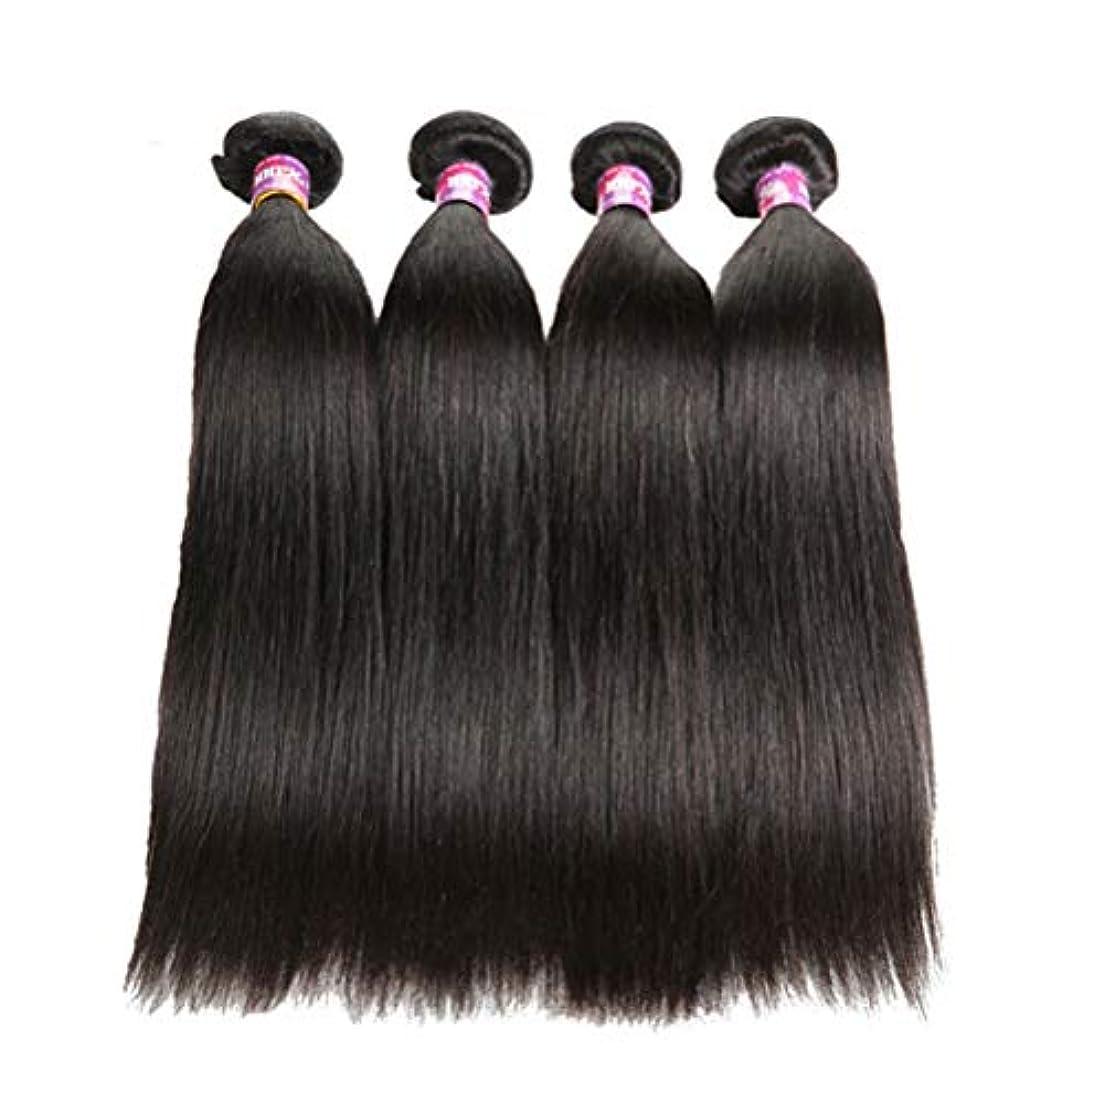 行動処方するチキン女性ストレート人間の髪の毛8Aバージンブラジルの髪の毛ストレートバンドル絹のような柔らかいブラジルの髪のバンドル